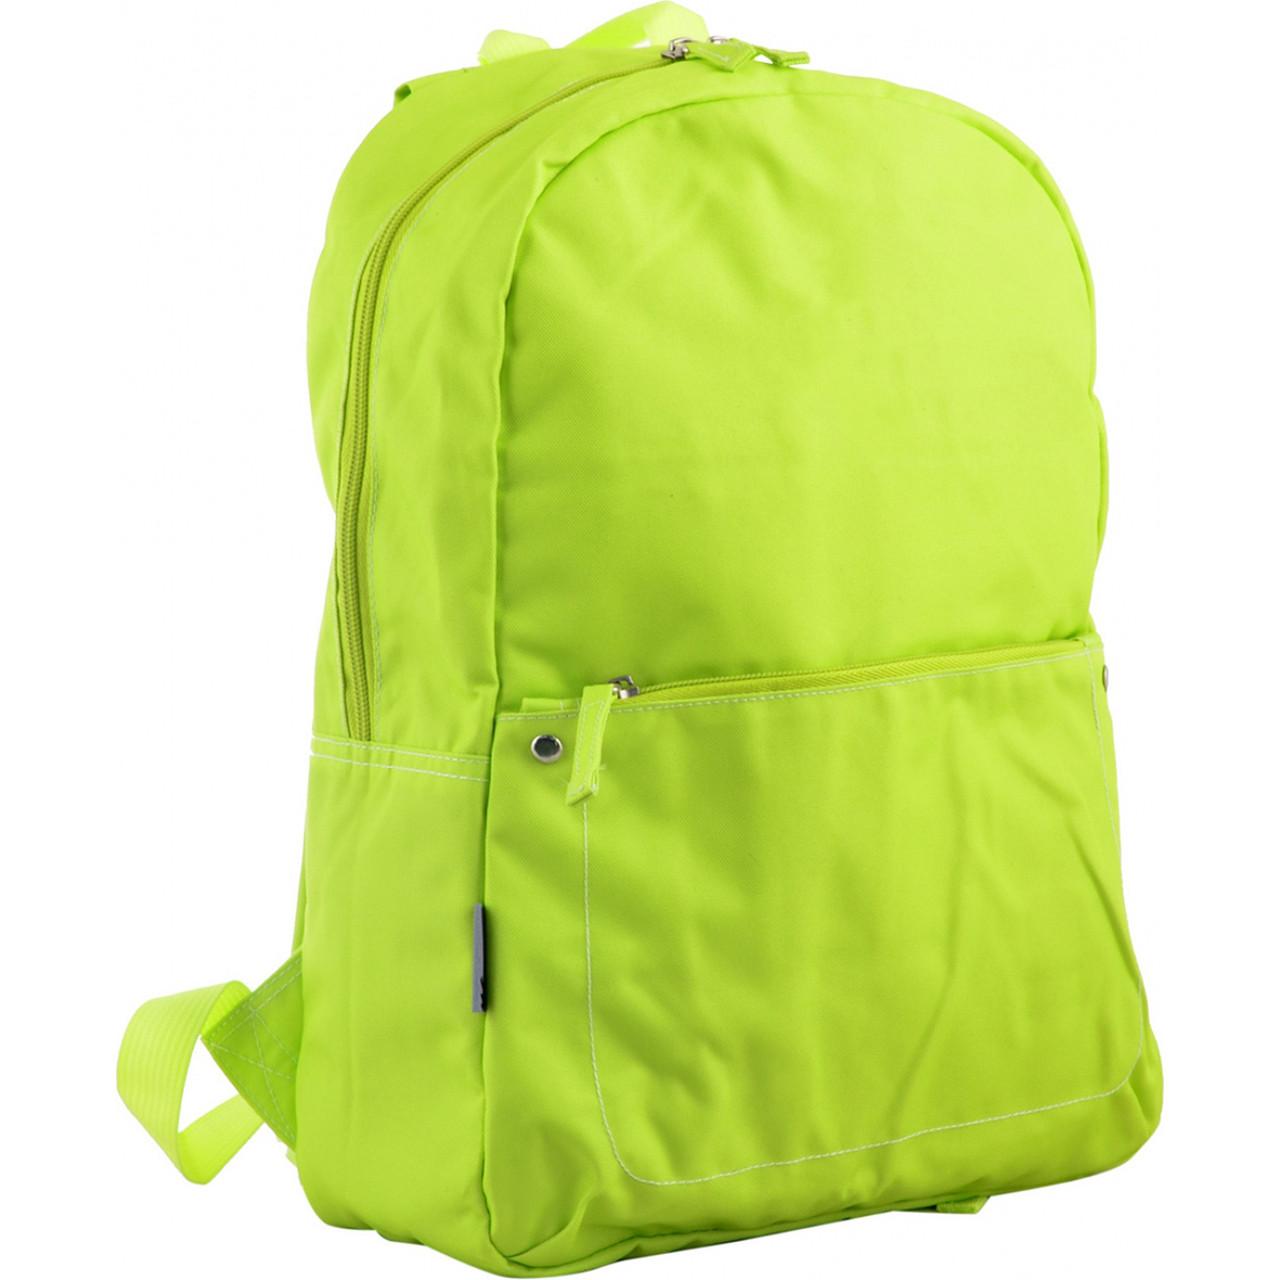 Рюкзак молодежный YES ST-21 Green apple, 40*26.5*12 555528